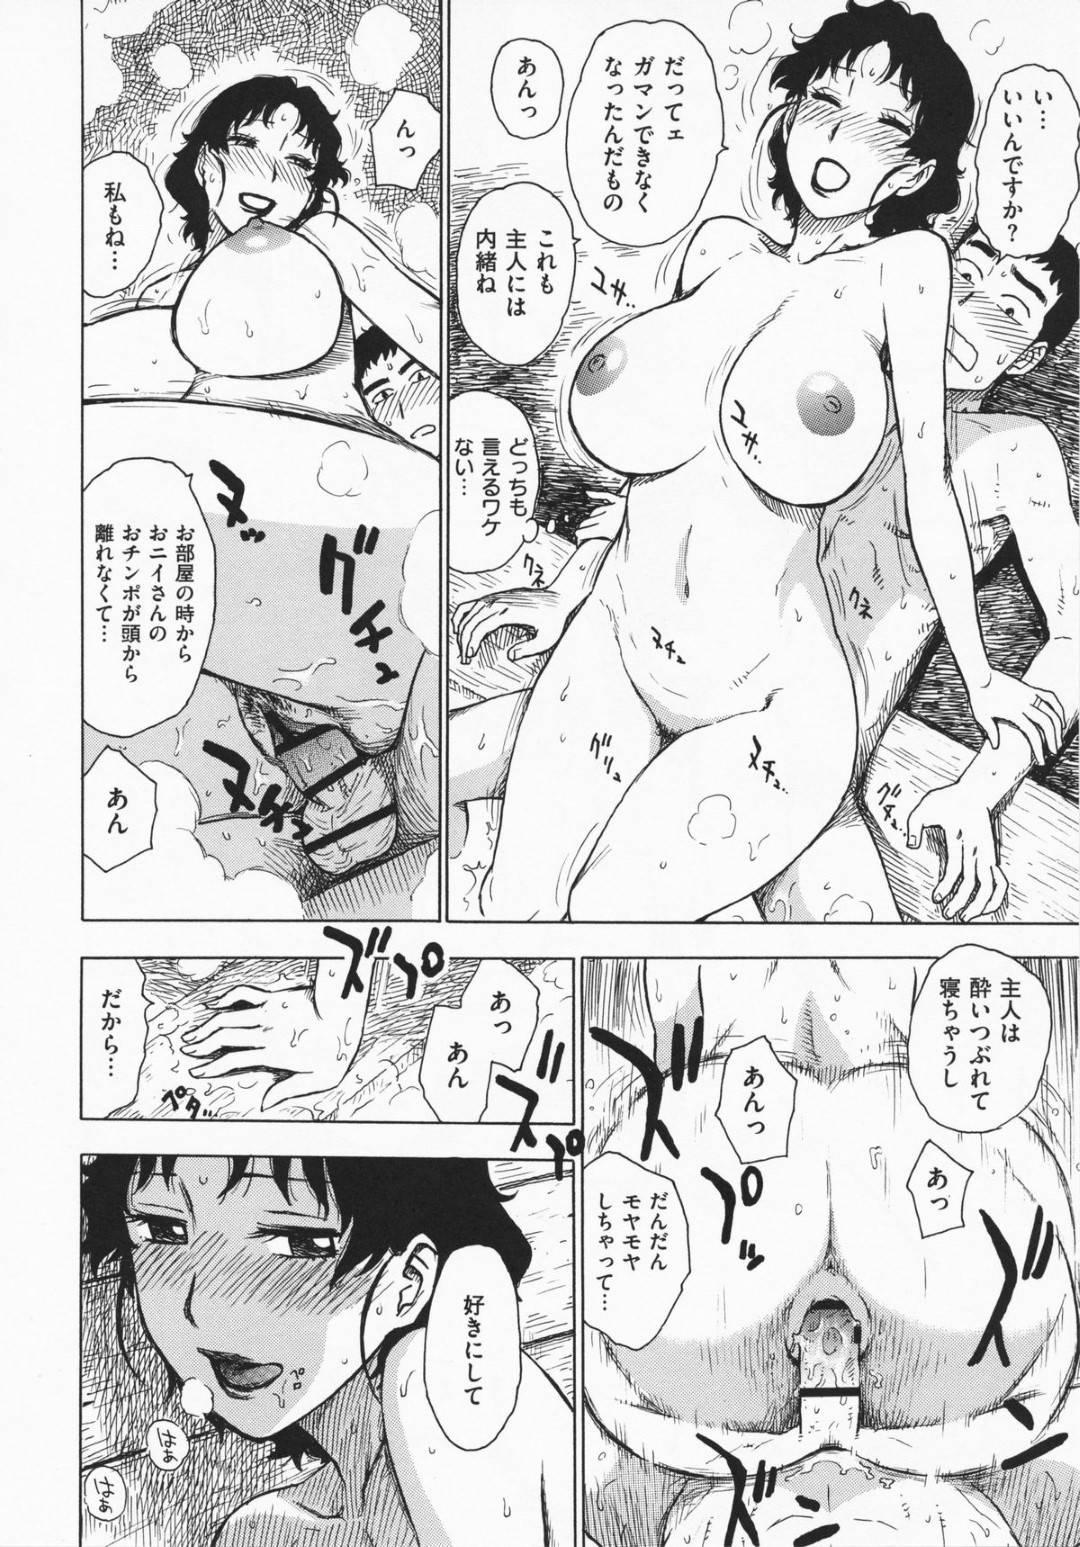 【エロ漫画】温泉旅館で隣の部屋に間違えて入った人妻…男がエッチなTV見ながらシコっており一緒に風呂に入ることになり流れで中出しセックスしてしまう